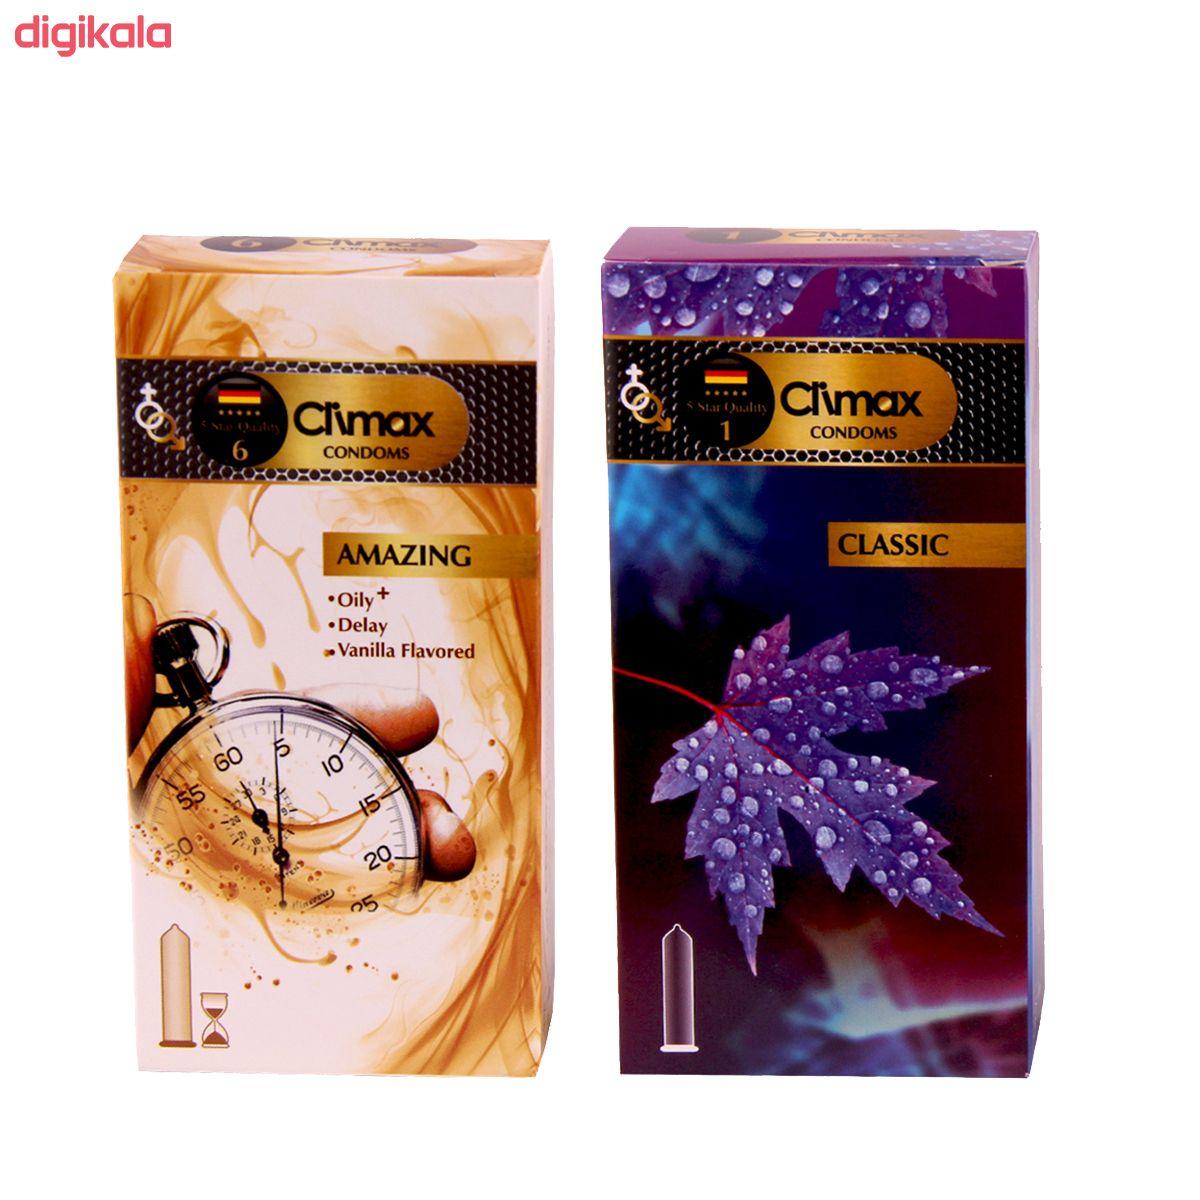 کاندوم کلایمکس مدل classic بسته 12 عددی به همراه کاندوم مدل amazing بسته 12 عددی main 1 1